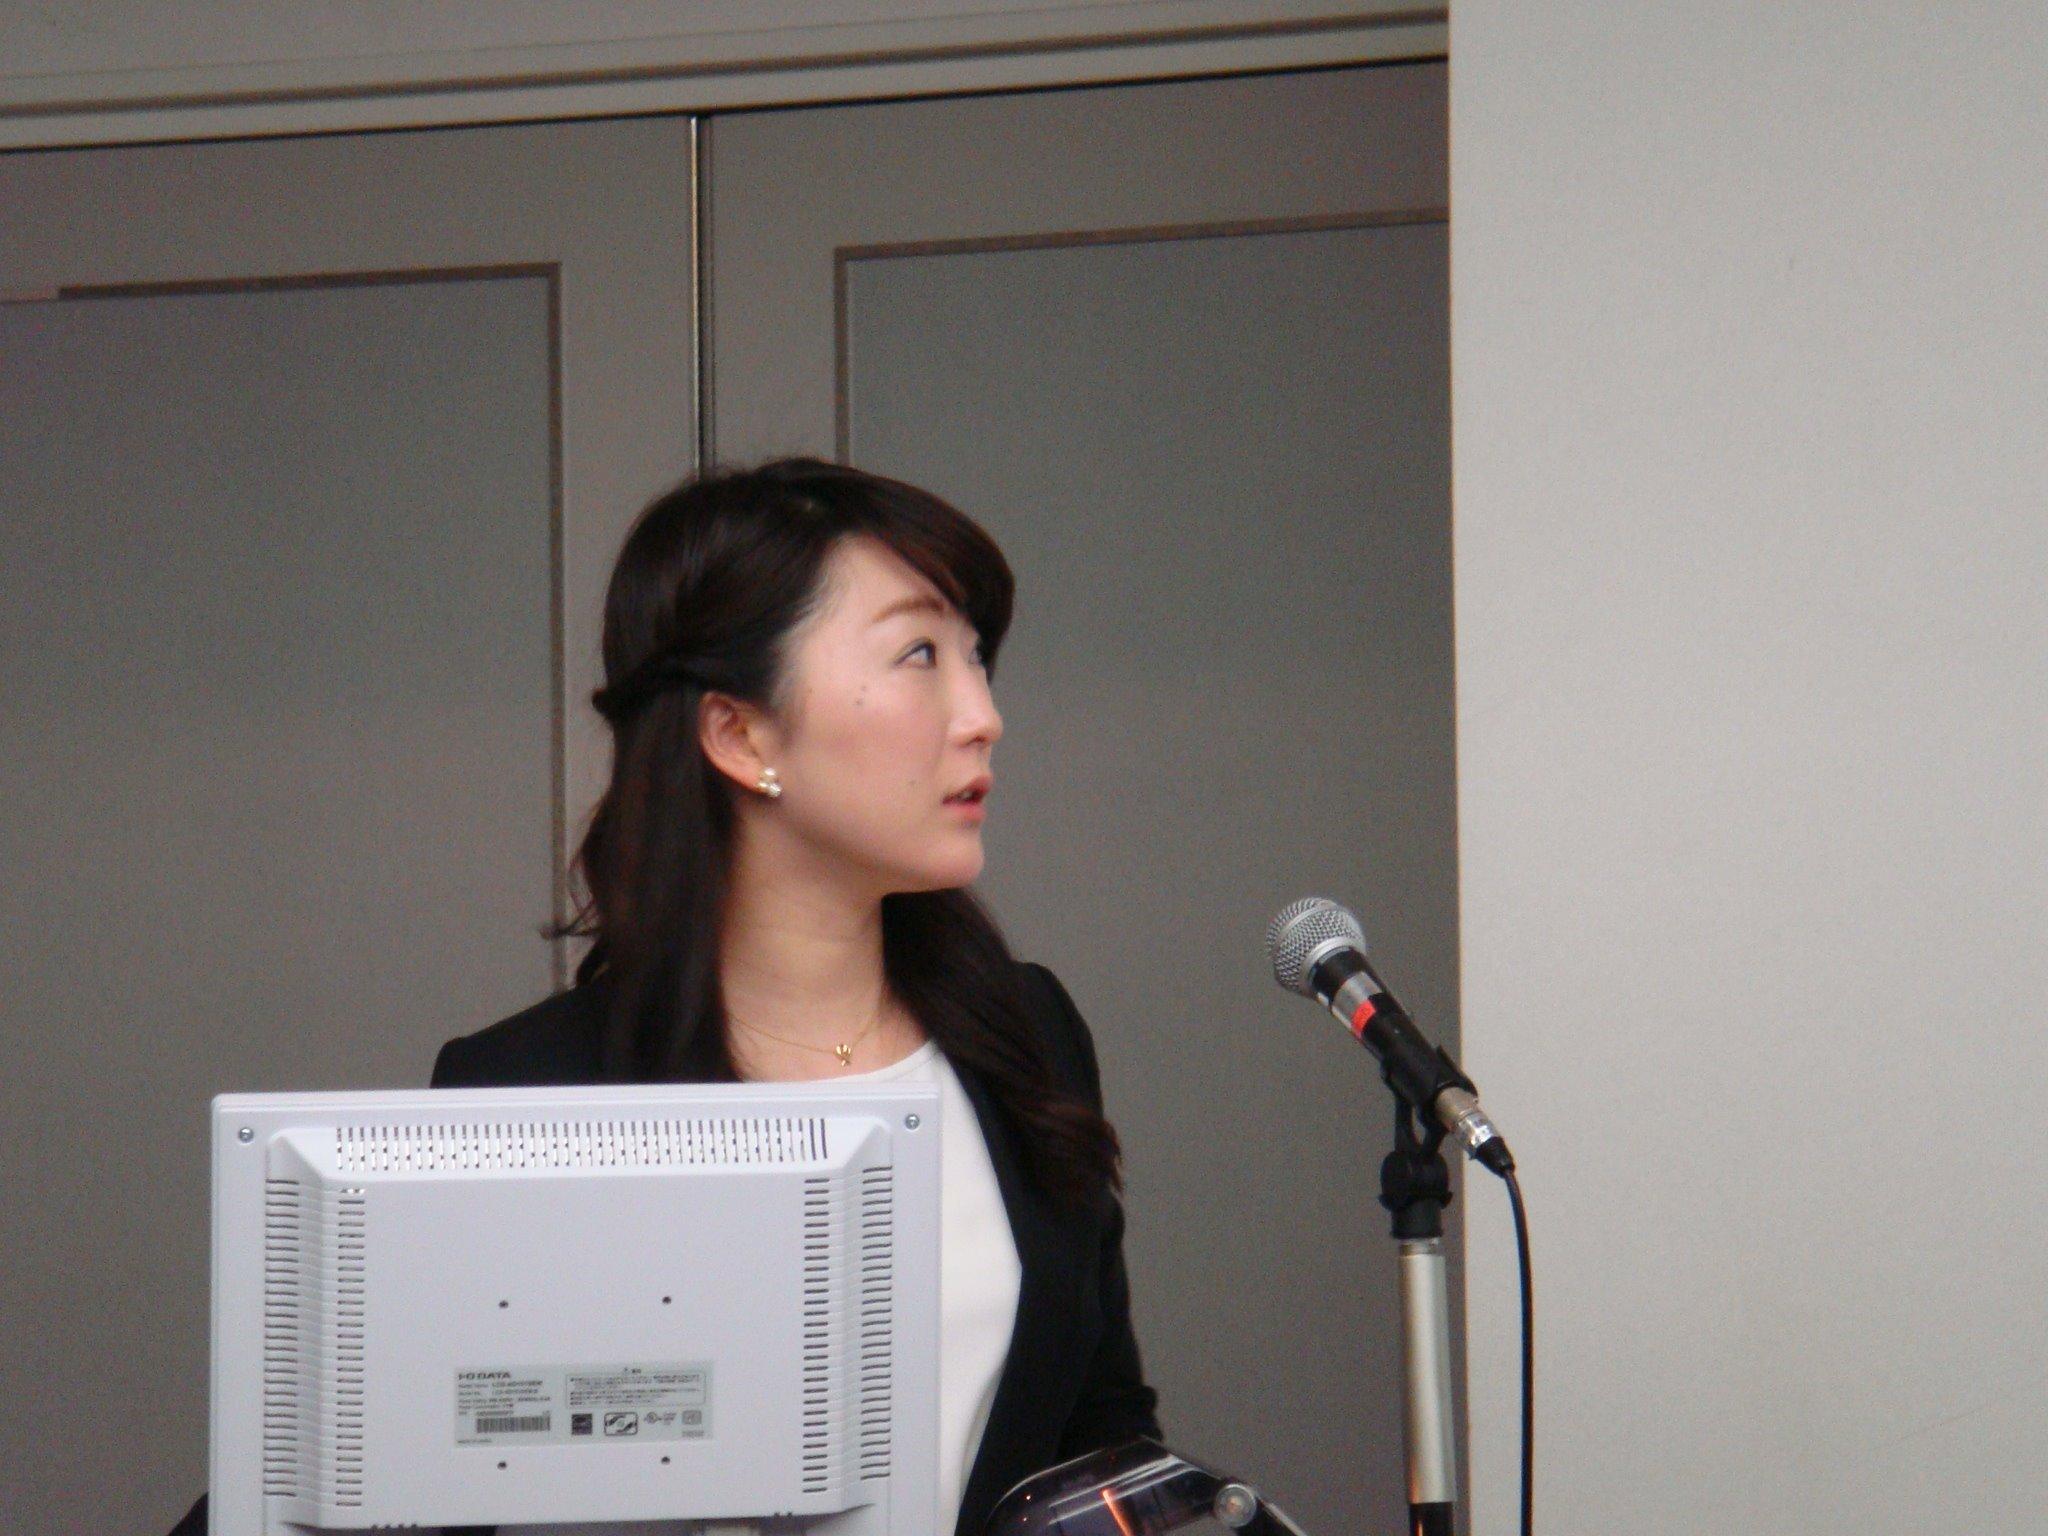 日本造血細胞移植学会(医療支援歯科治療部 室先生発表)